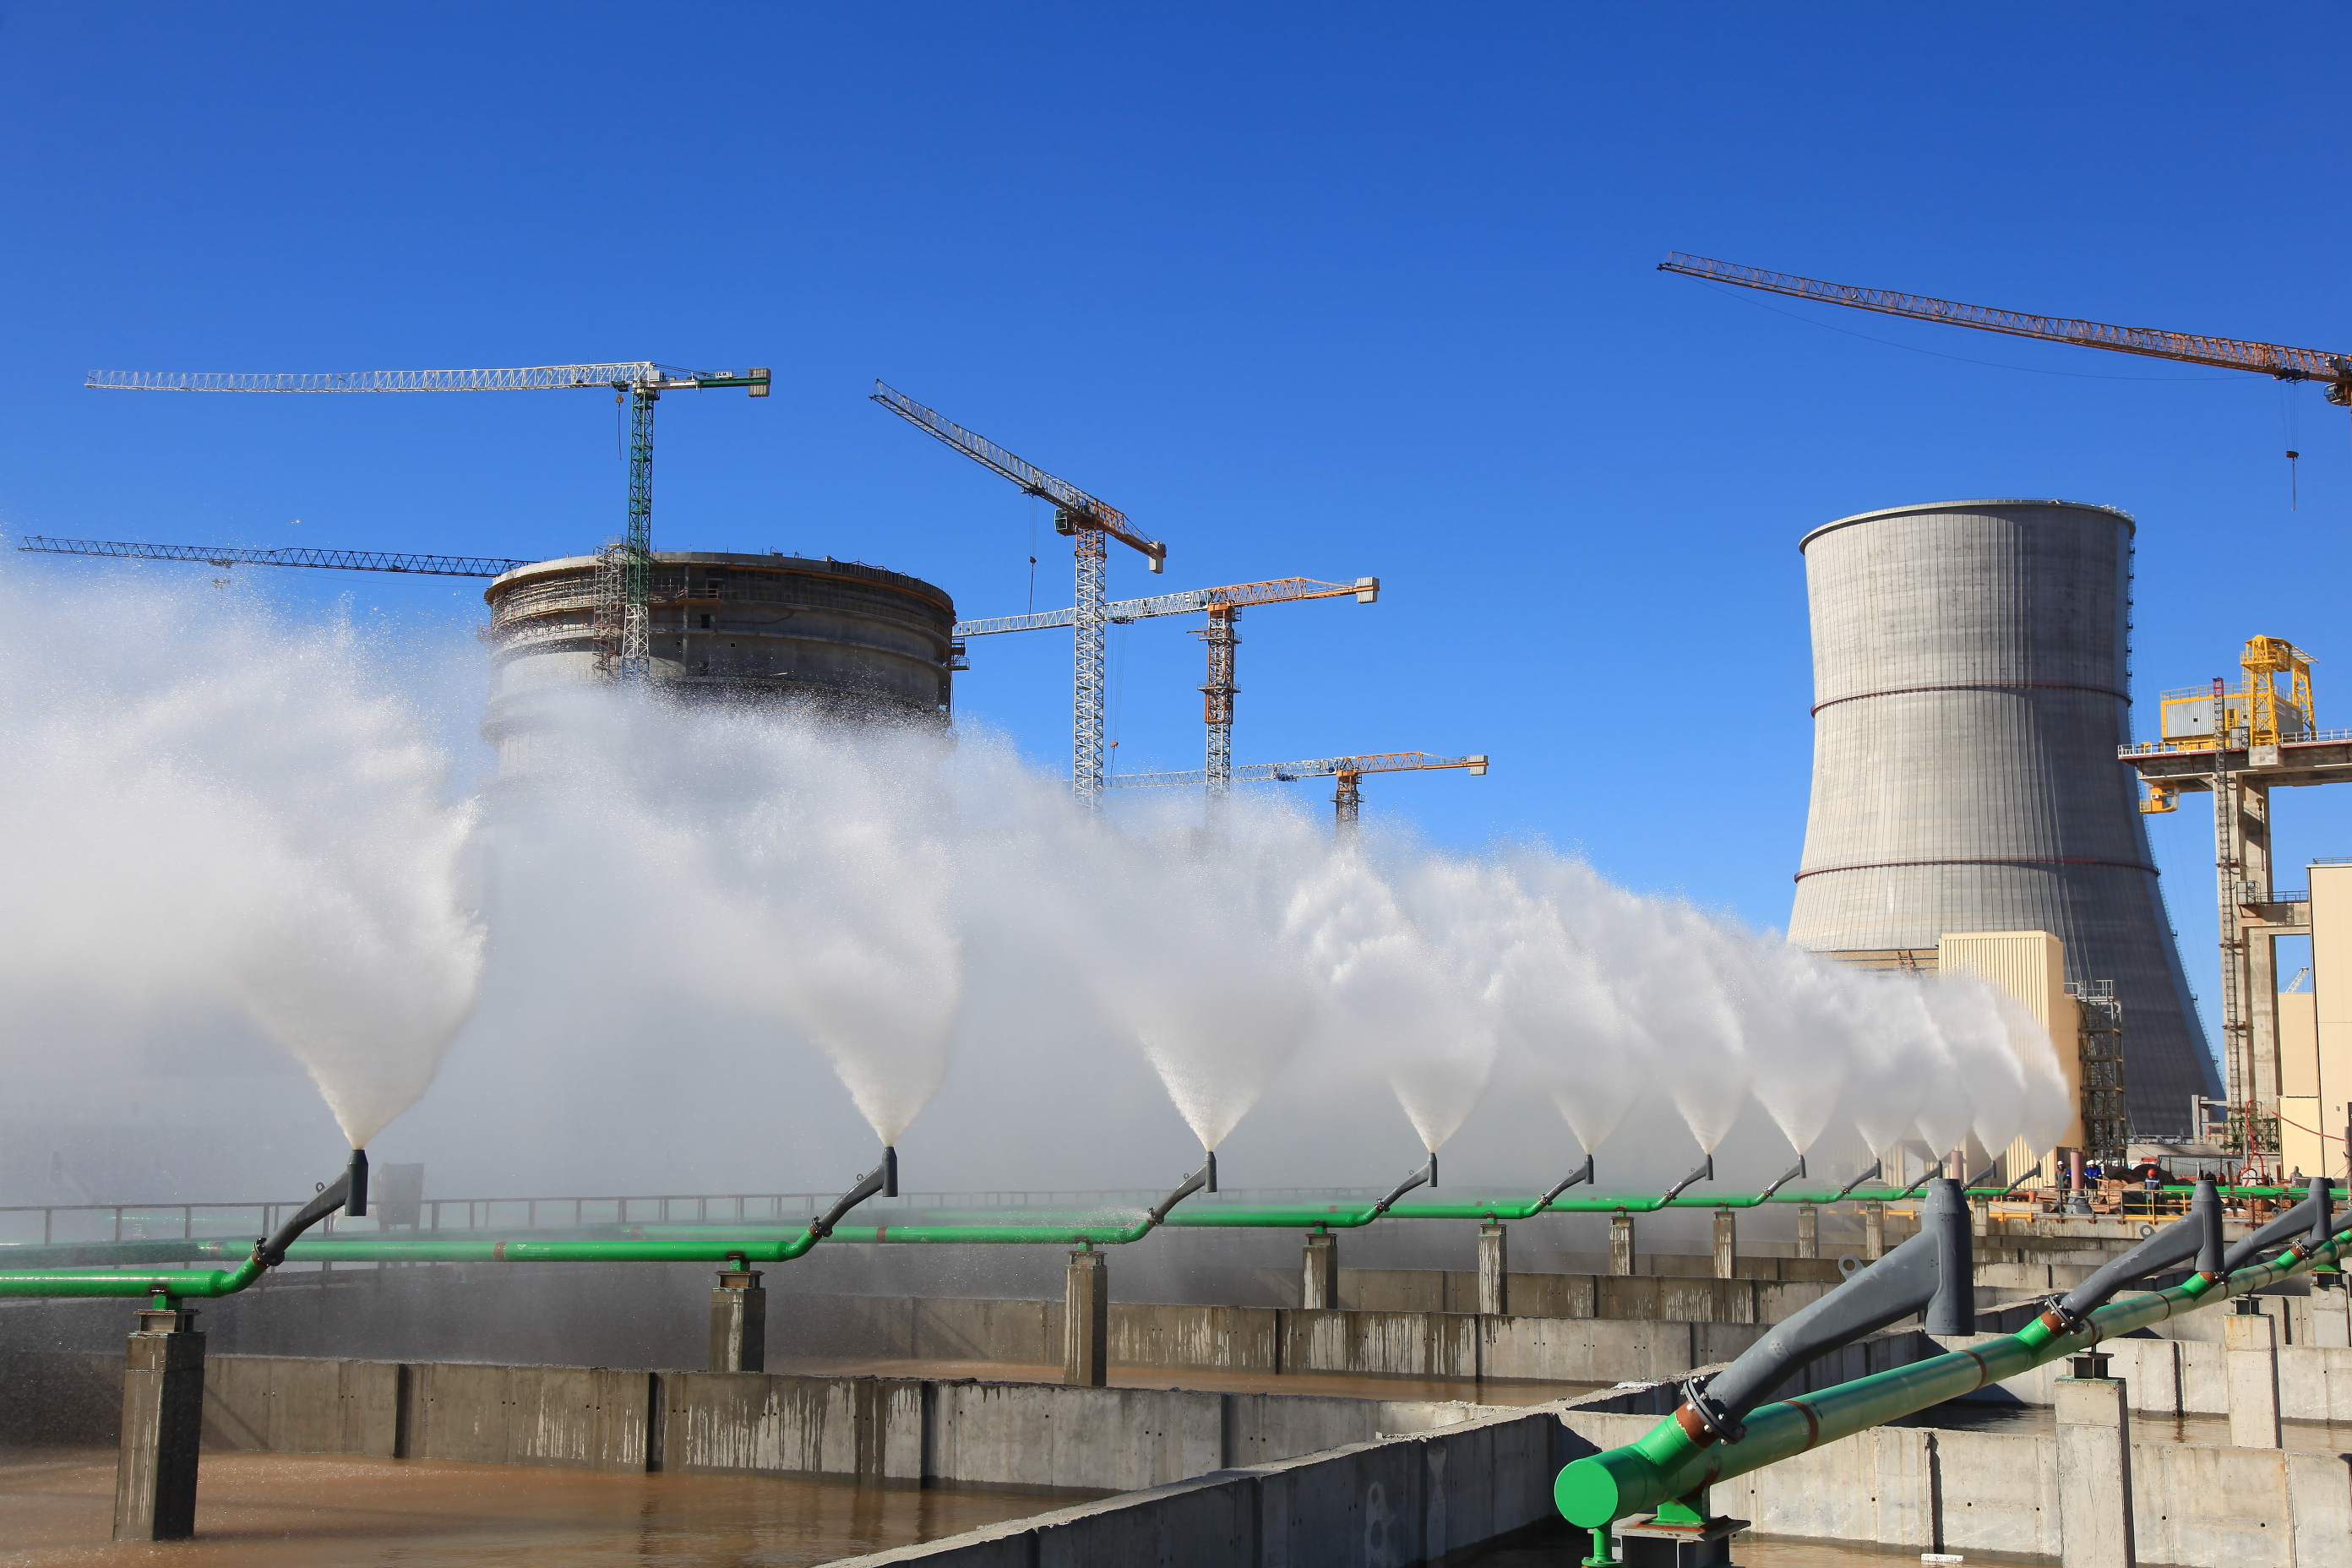 jaderná energie - Ostrověcká JE je nově součástí Belenergo - Zprávy (Testování bazénů rozstřiku v Ostrověcké JE v roce 2019) 2